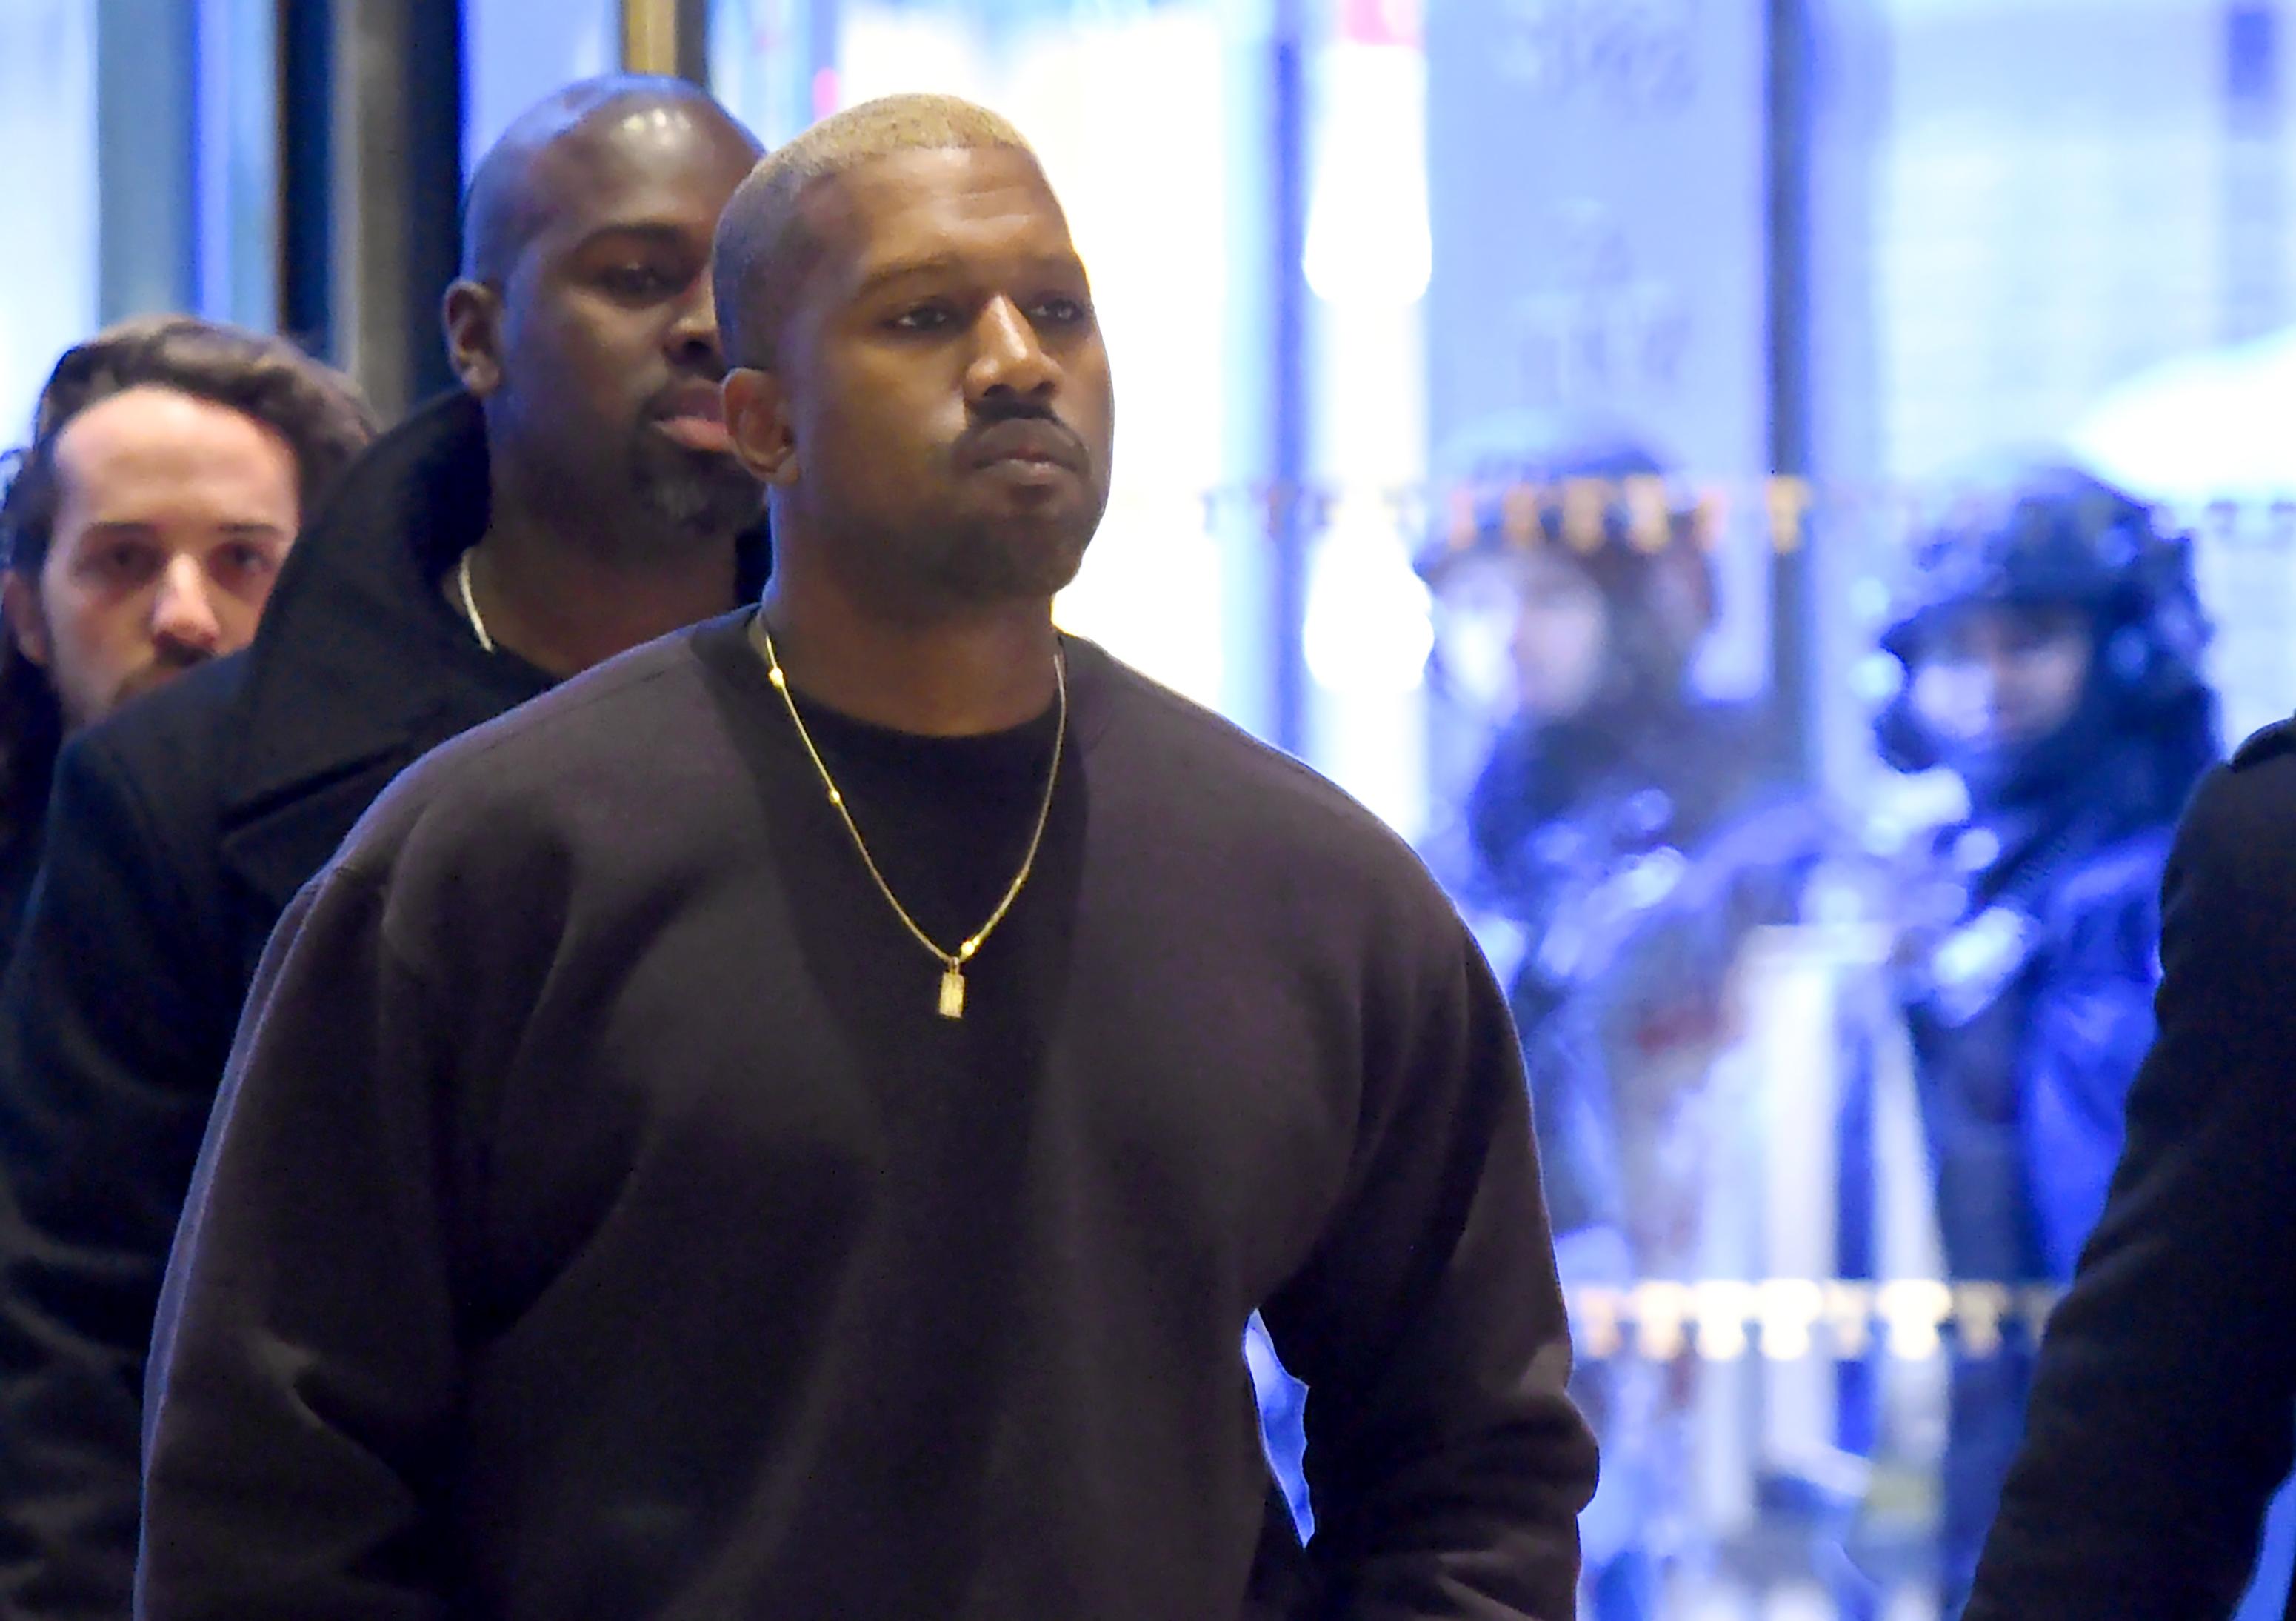 Depois do gospel e do rap, Kanye West vai investir em ópera